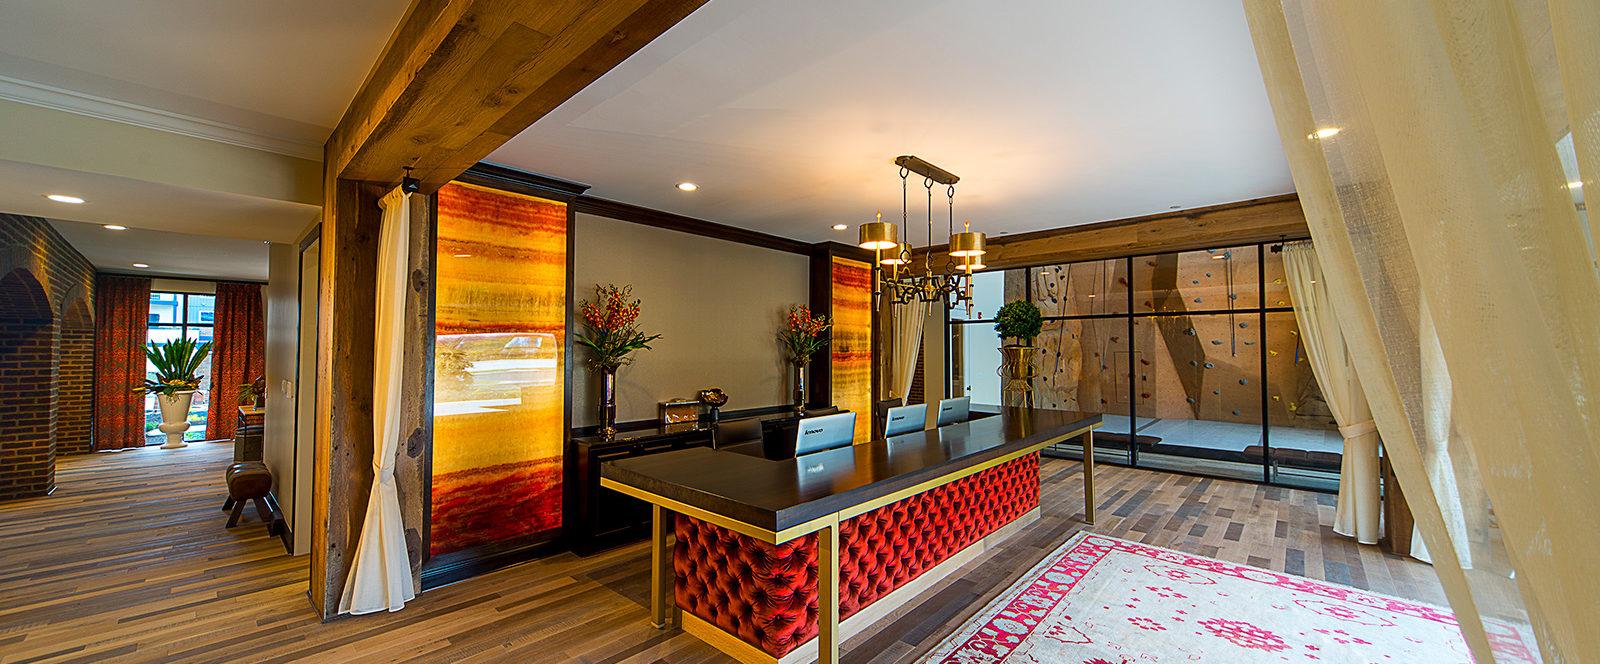 taylor house lobby